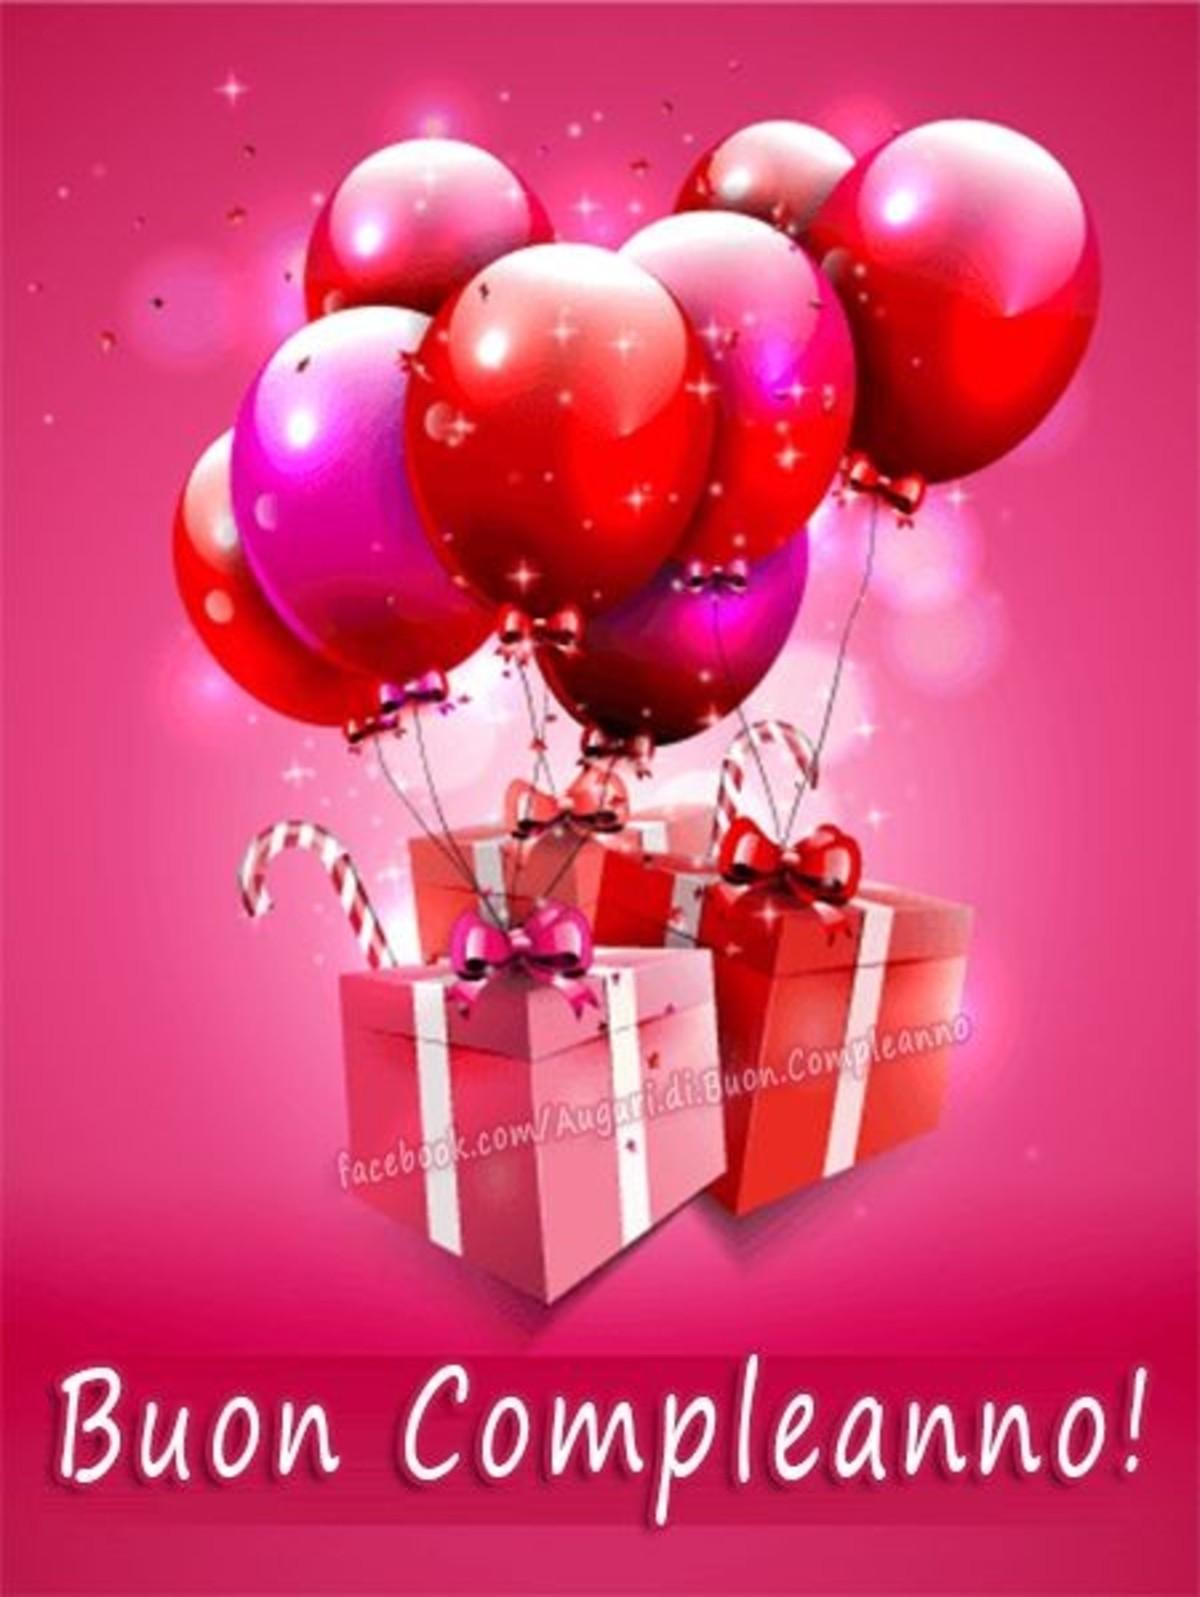 Buon Compleanno Belle Immagini 2 Buongiornoate It